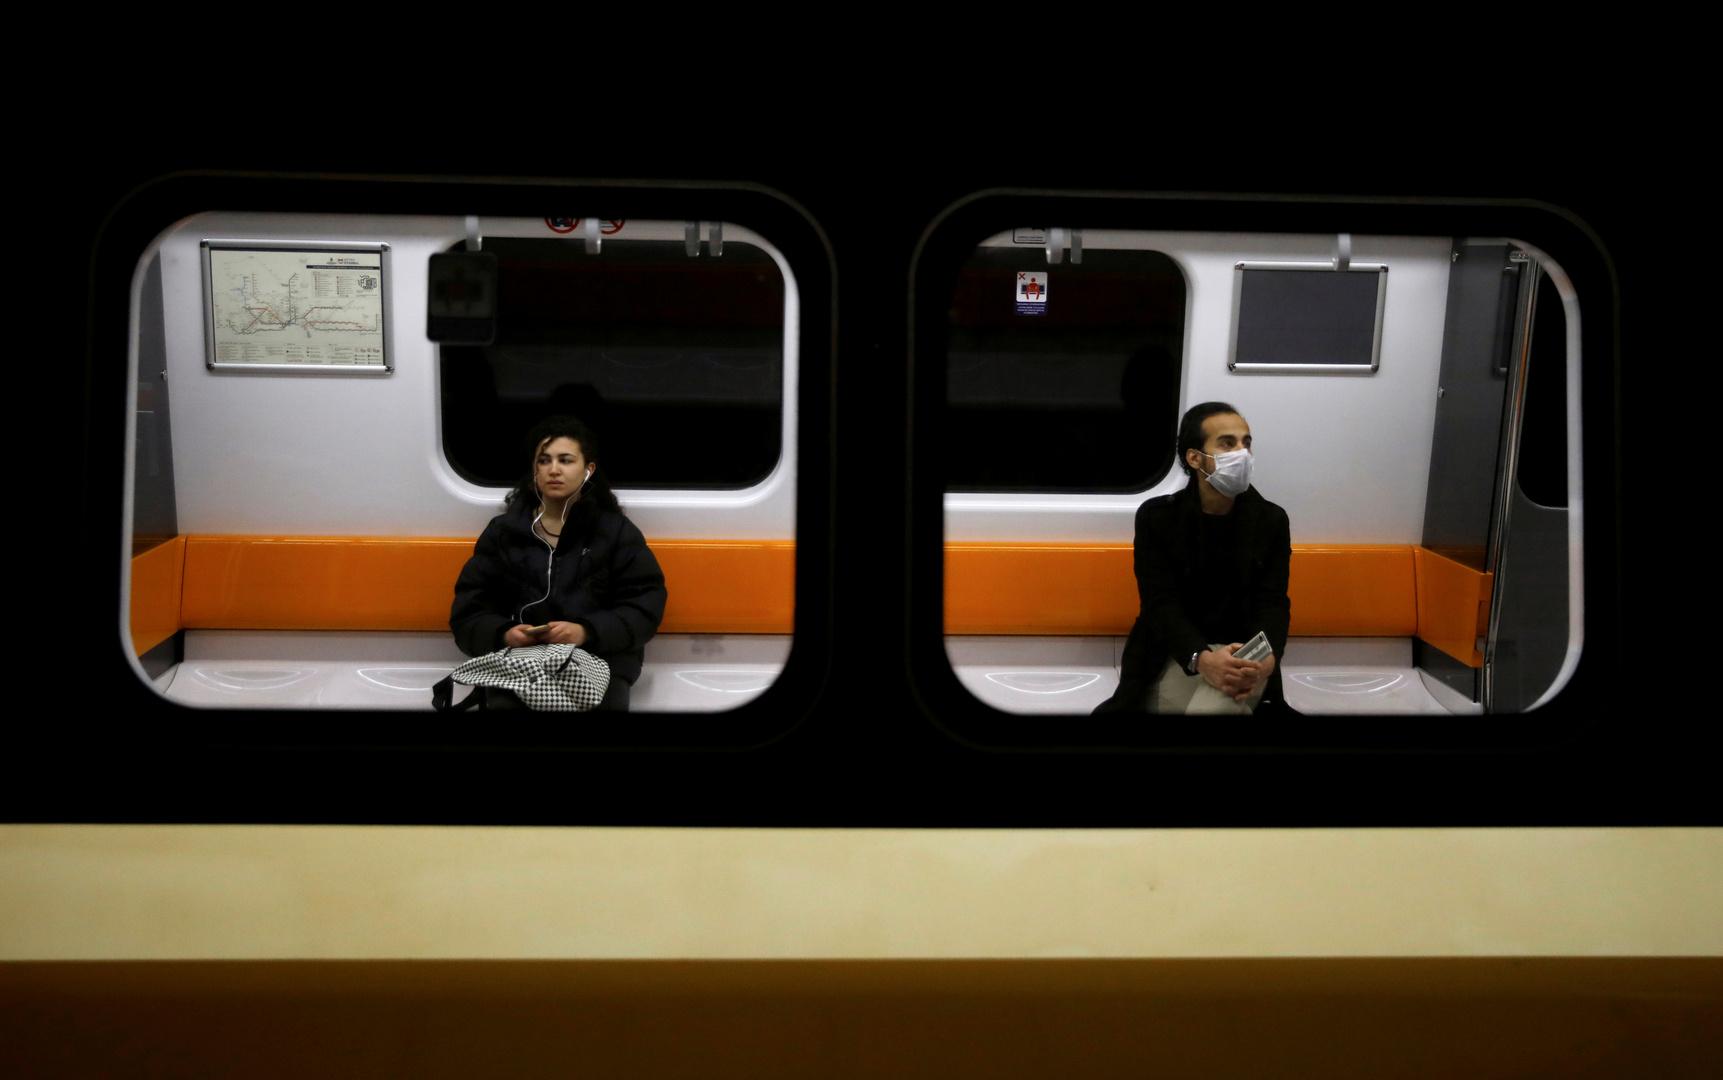 تركيا تستأنف خدمة القطارات بين المدن -